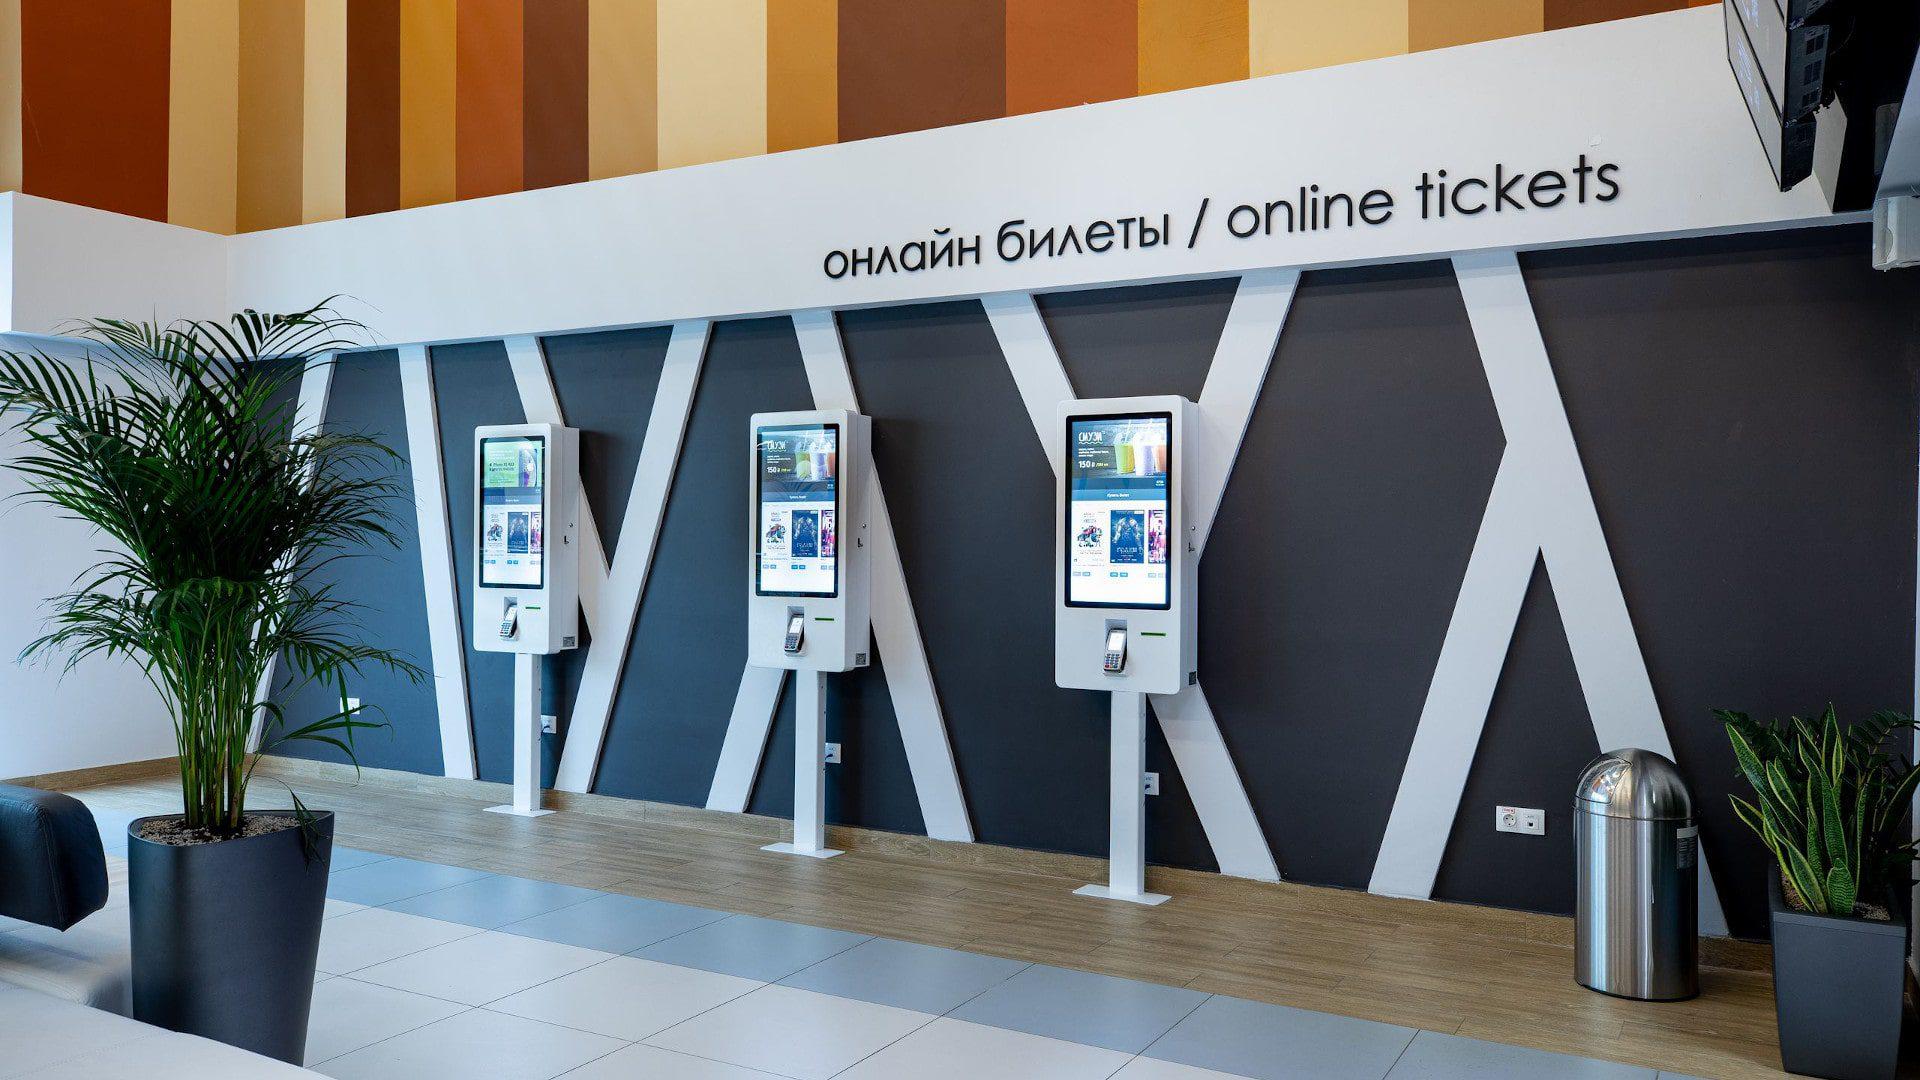 Билетные терминалы для кинотеатров и других учреждений культуры